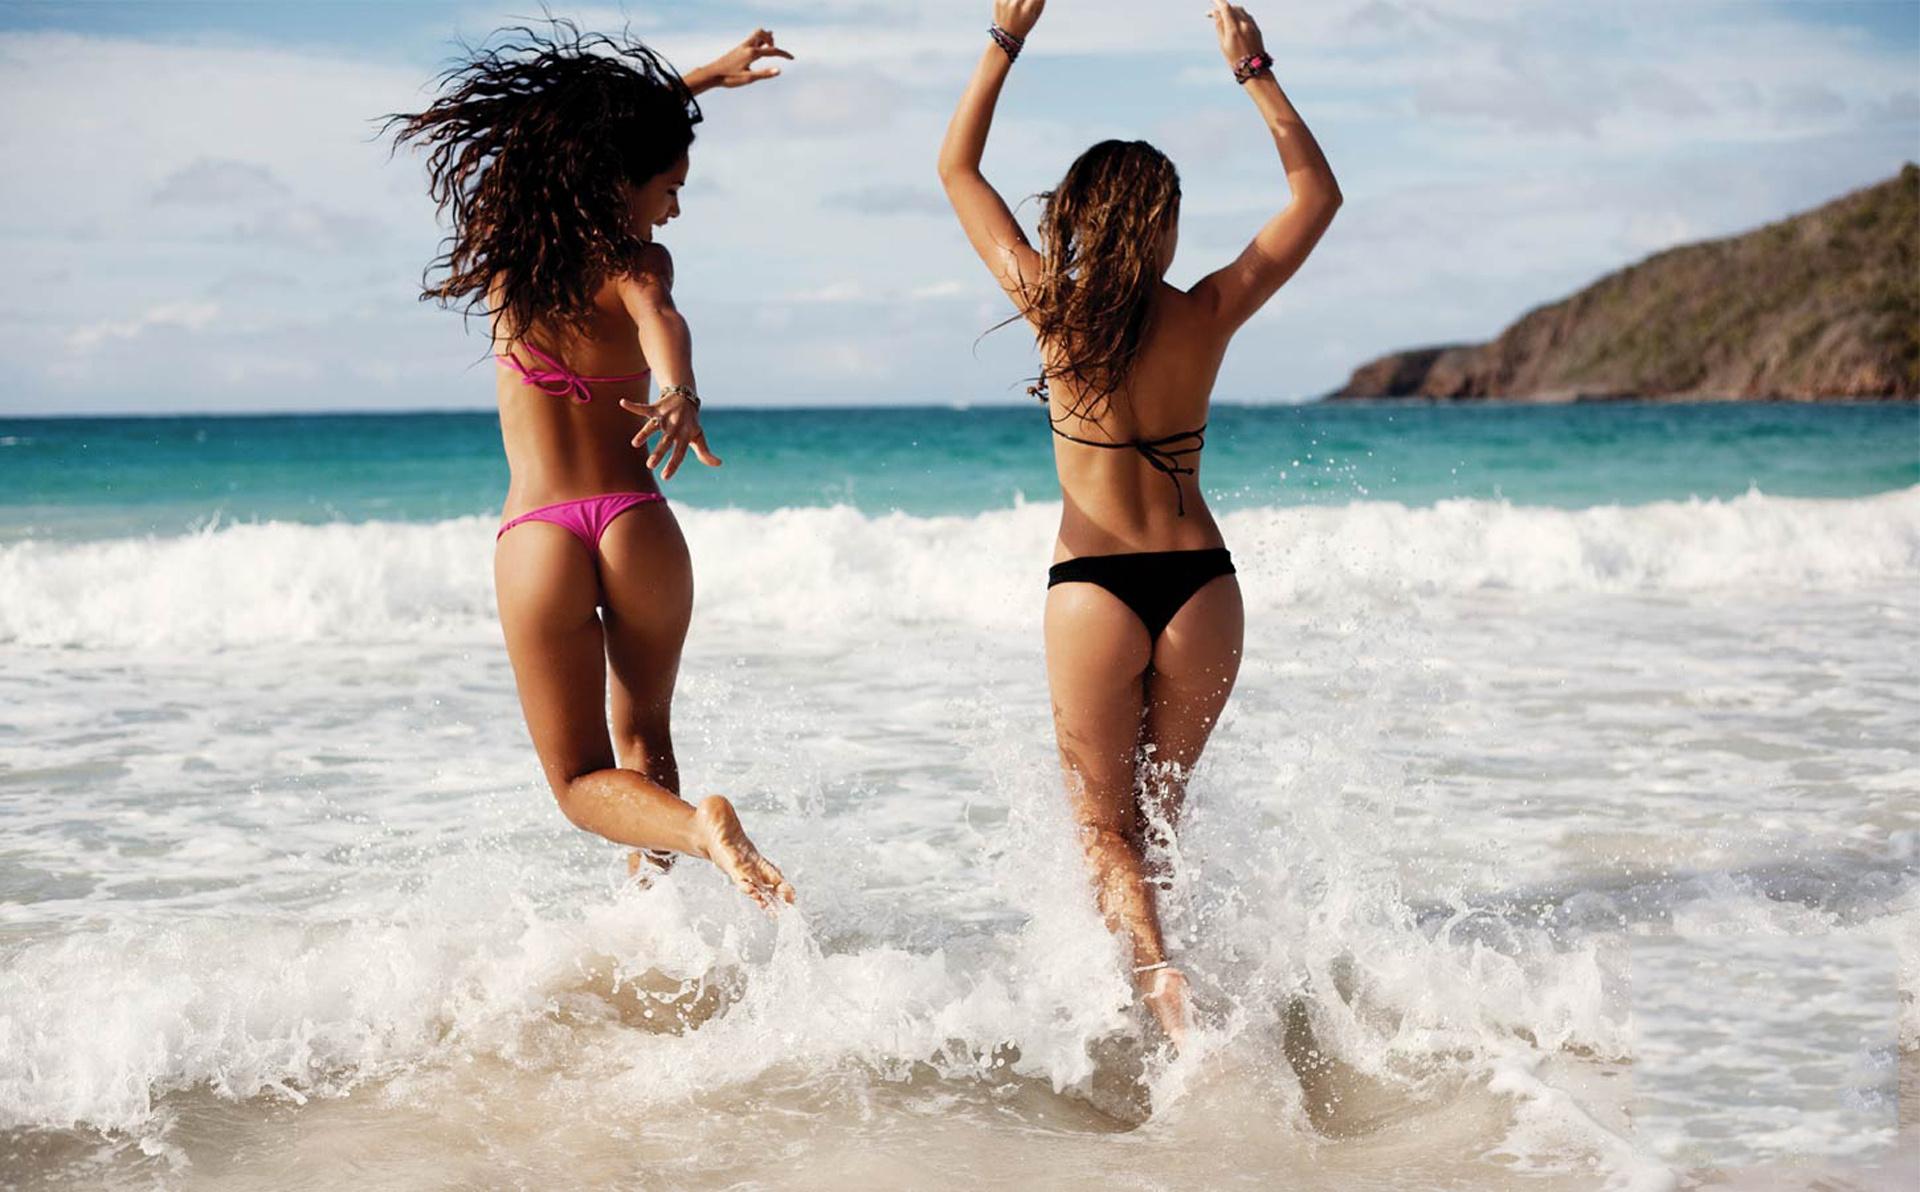 Фото подружек на пляже 6 фотография